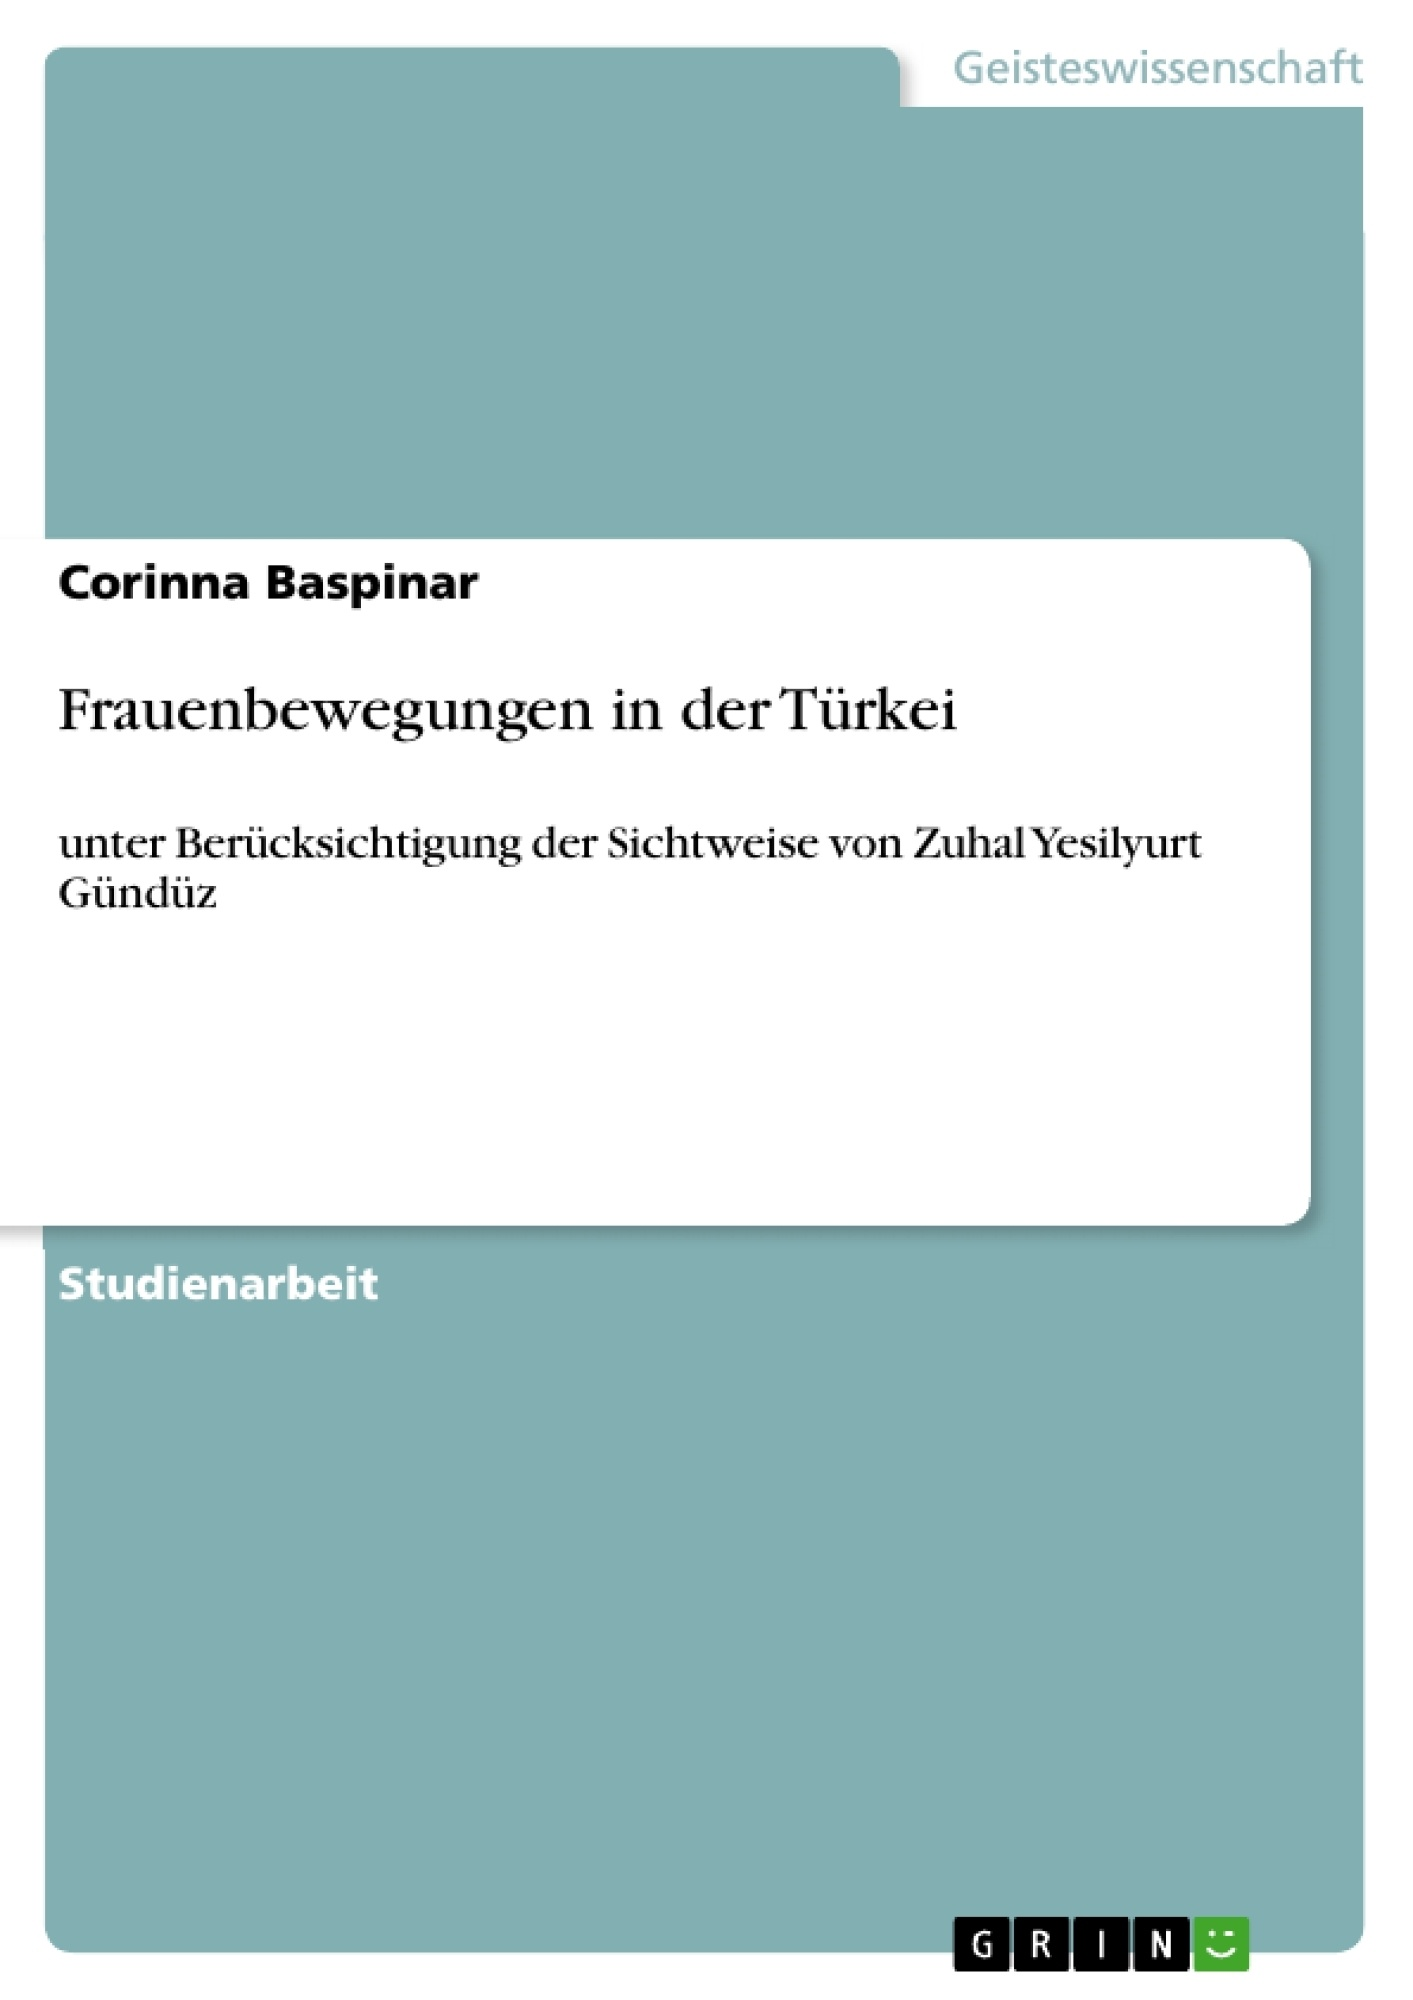 Titel: Frauenbewegungen in der Türkei